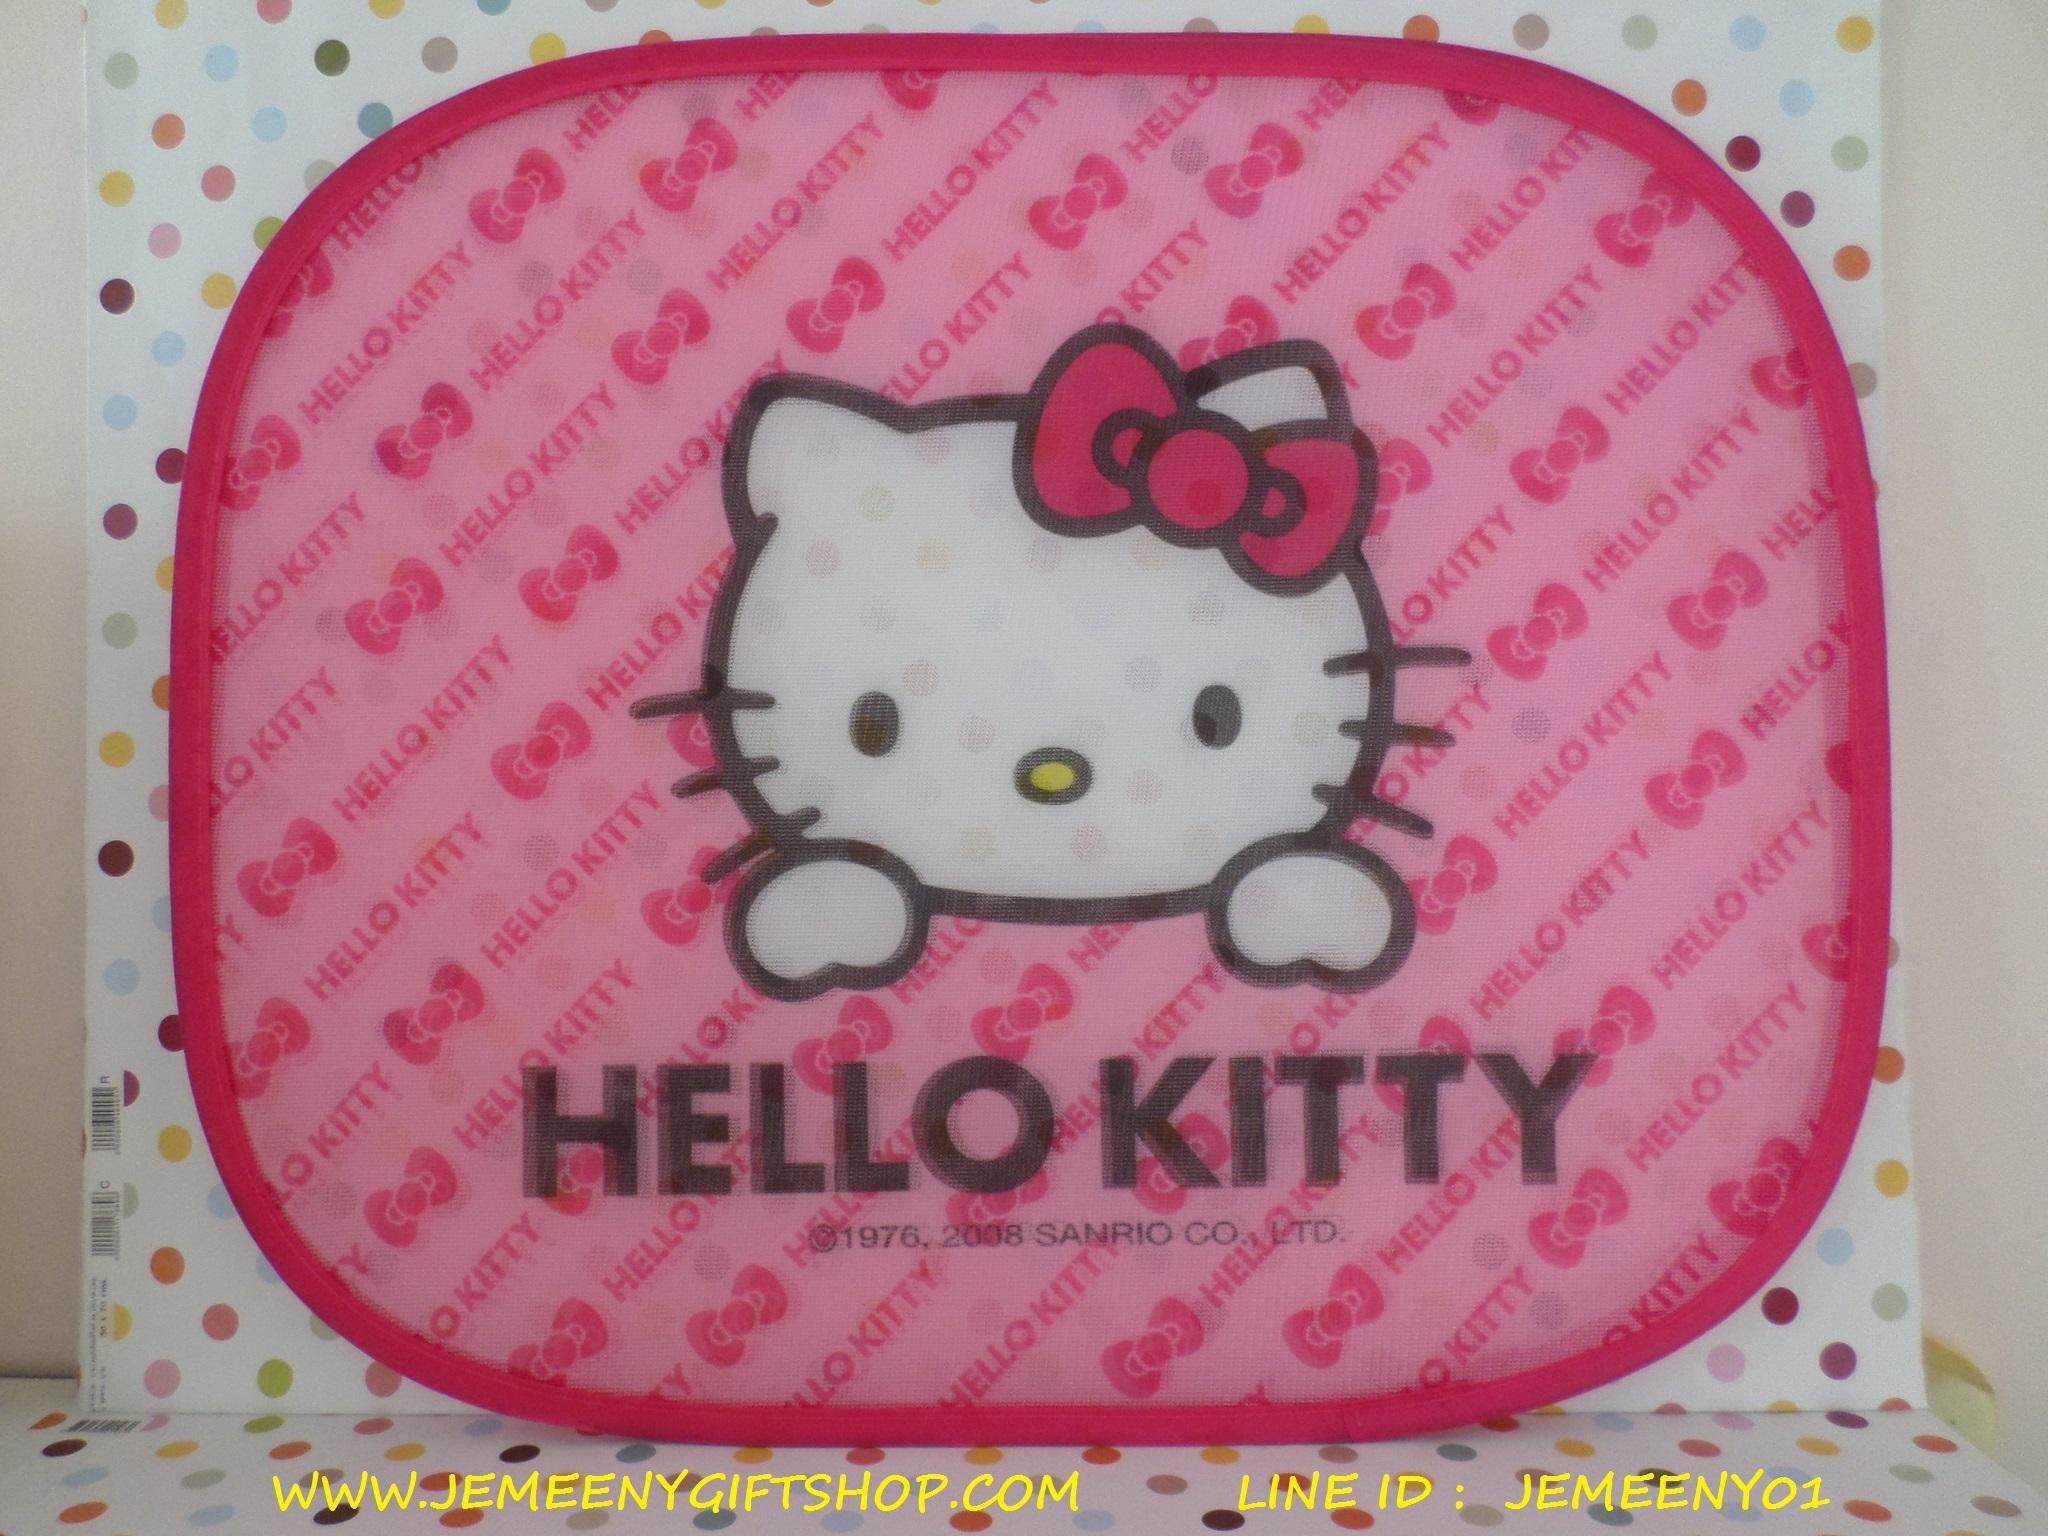 บังแดดรถยนต์กระจกข้าง ฮัลโหลคิตตี้ Hello kitty ราคาต่อคู่